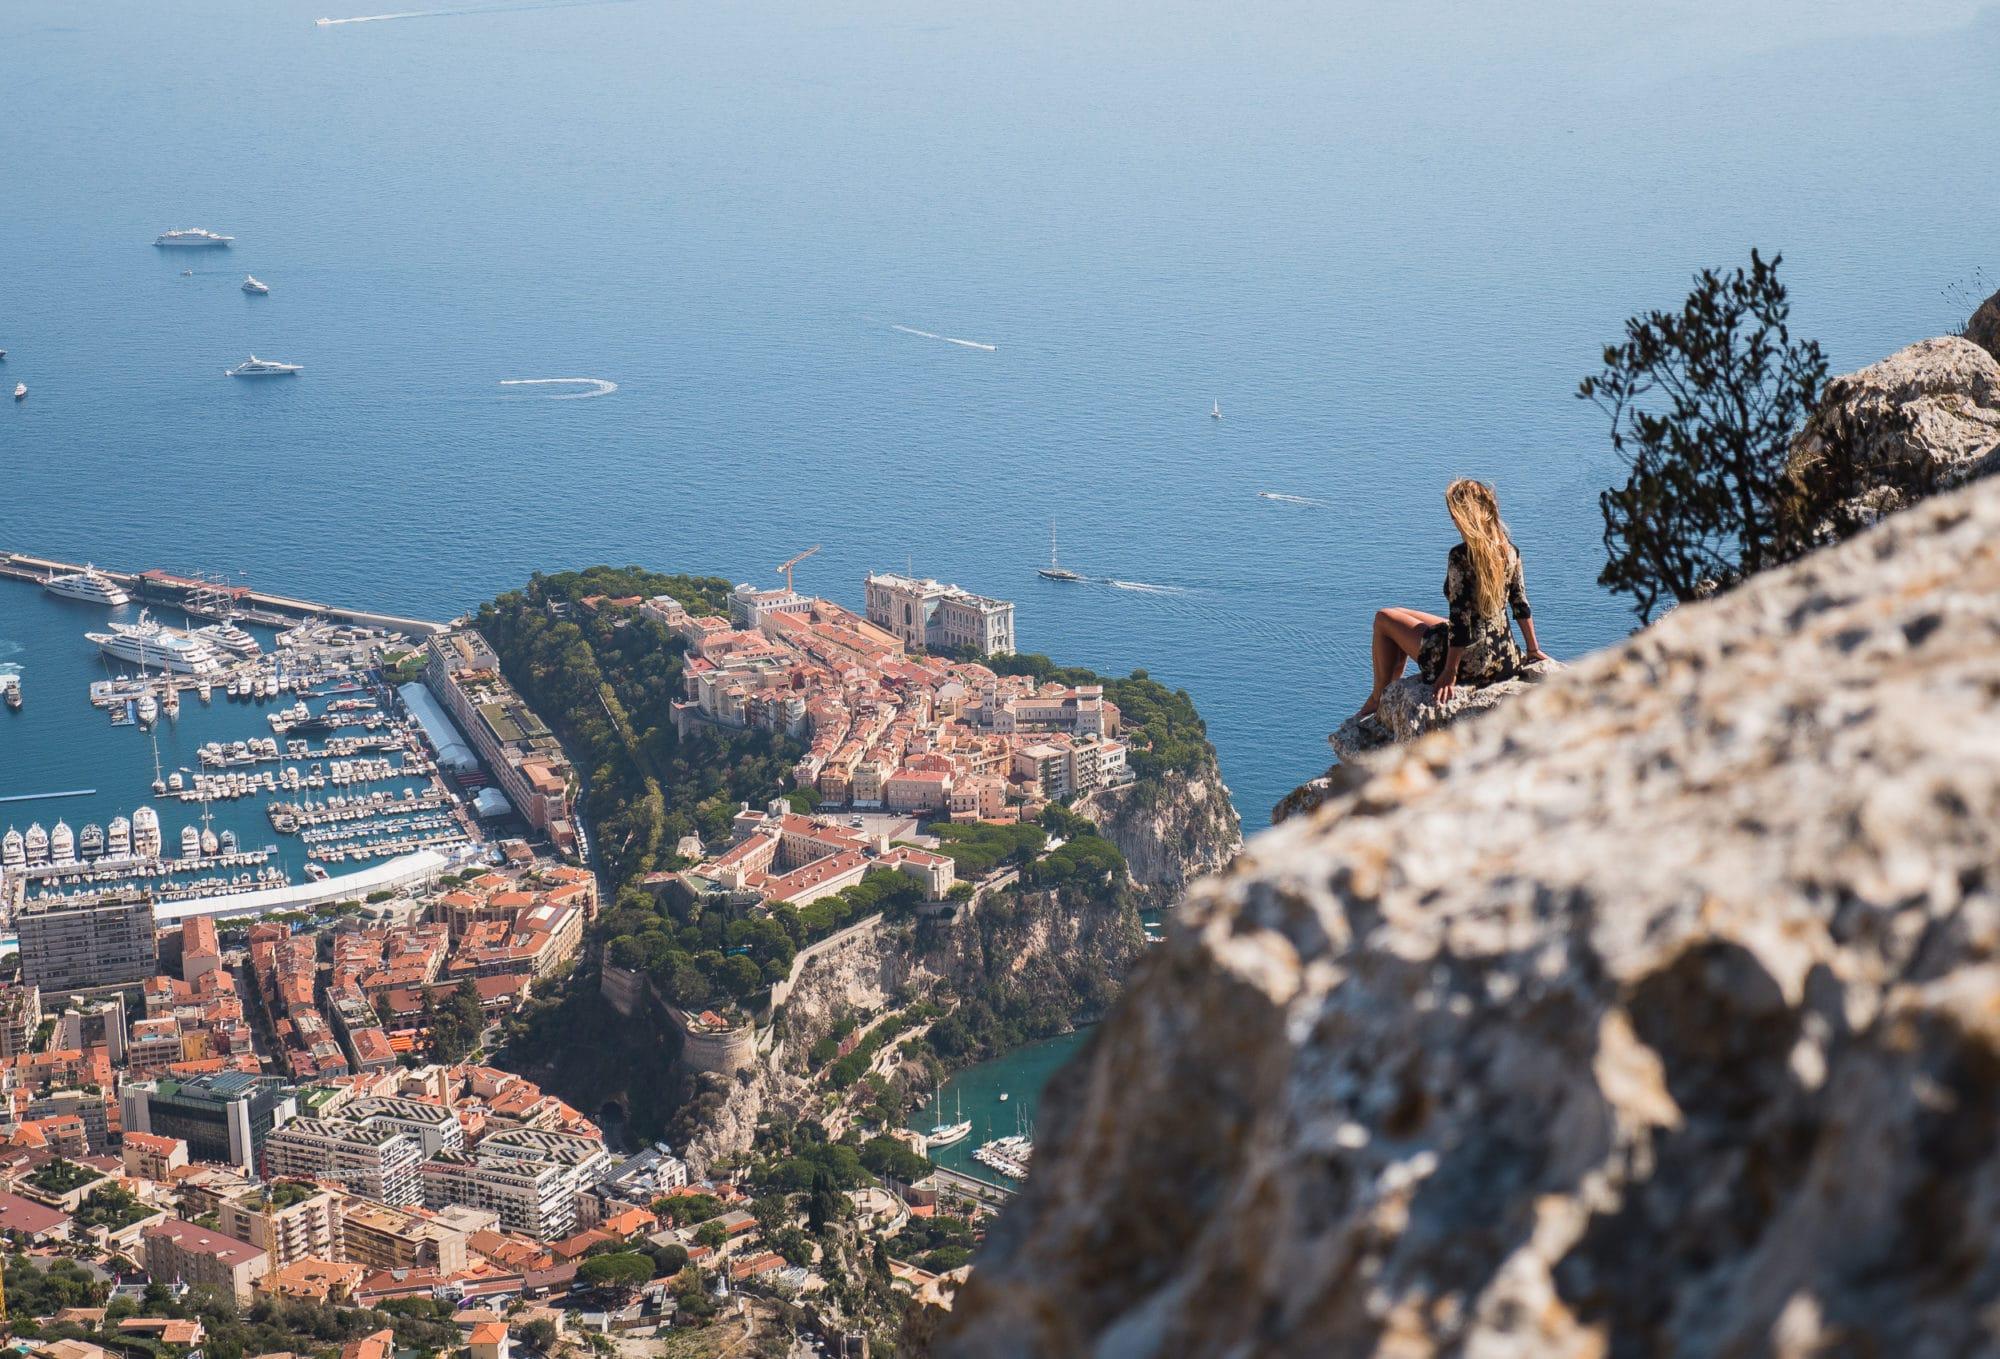 Image 5 façons de découvrir la Côte d'Azur ! Lieux 100% authentiques, bonnes adresses et coups de cœur